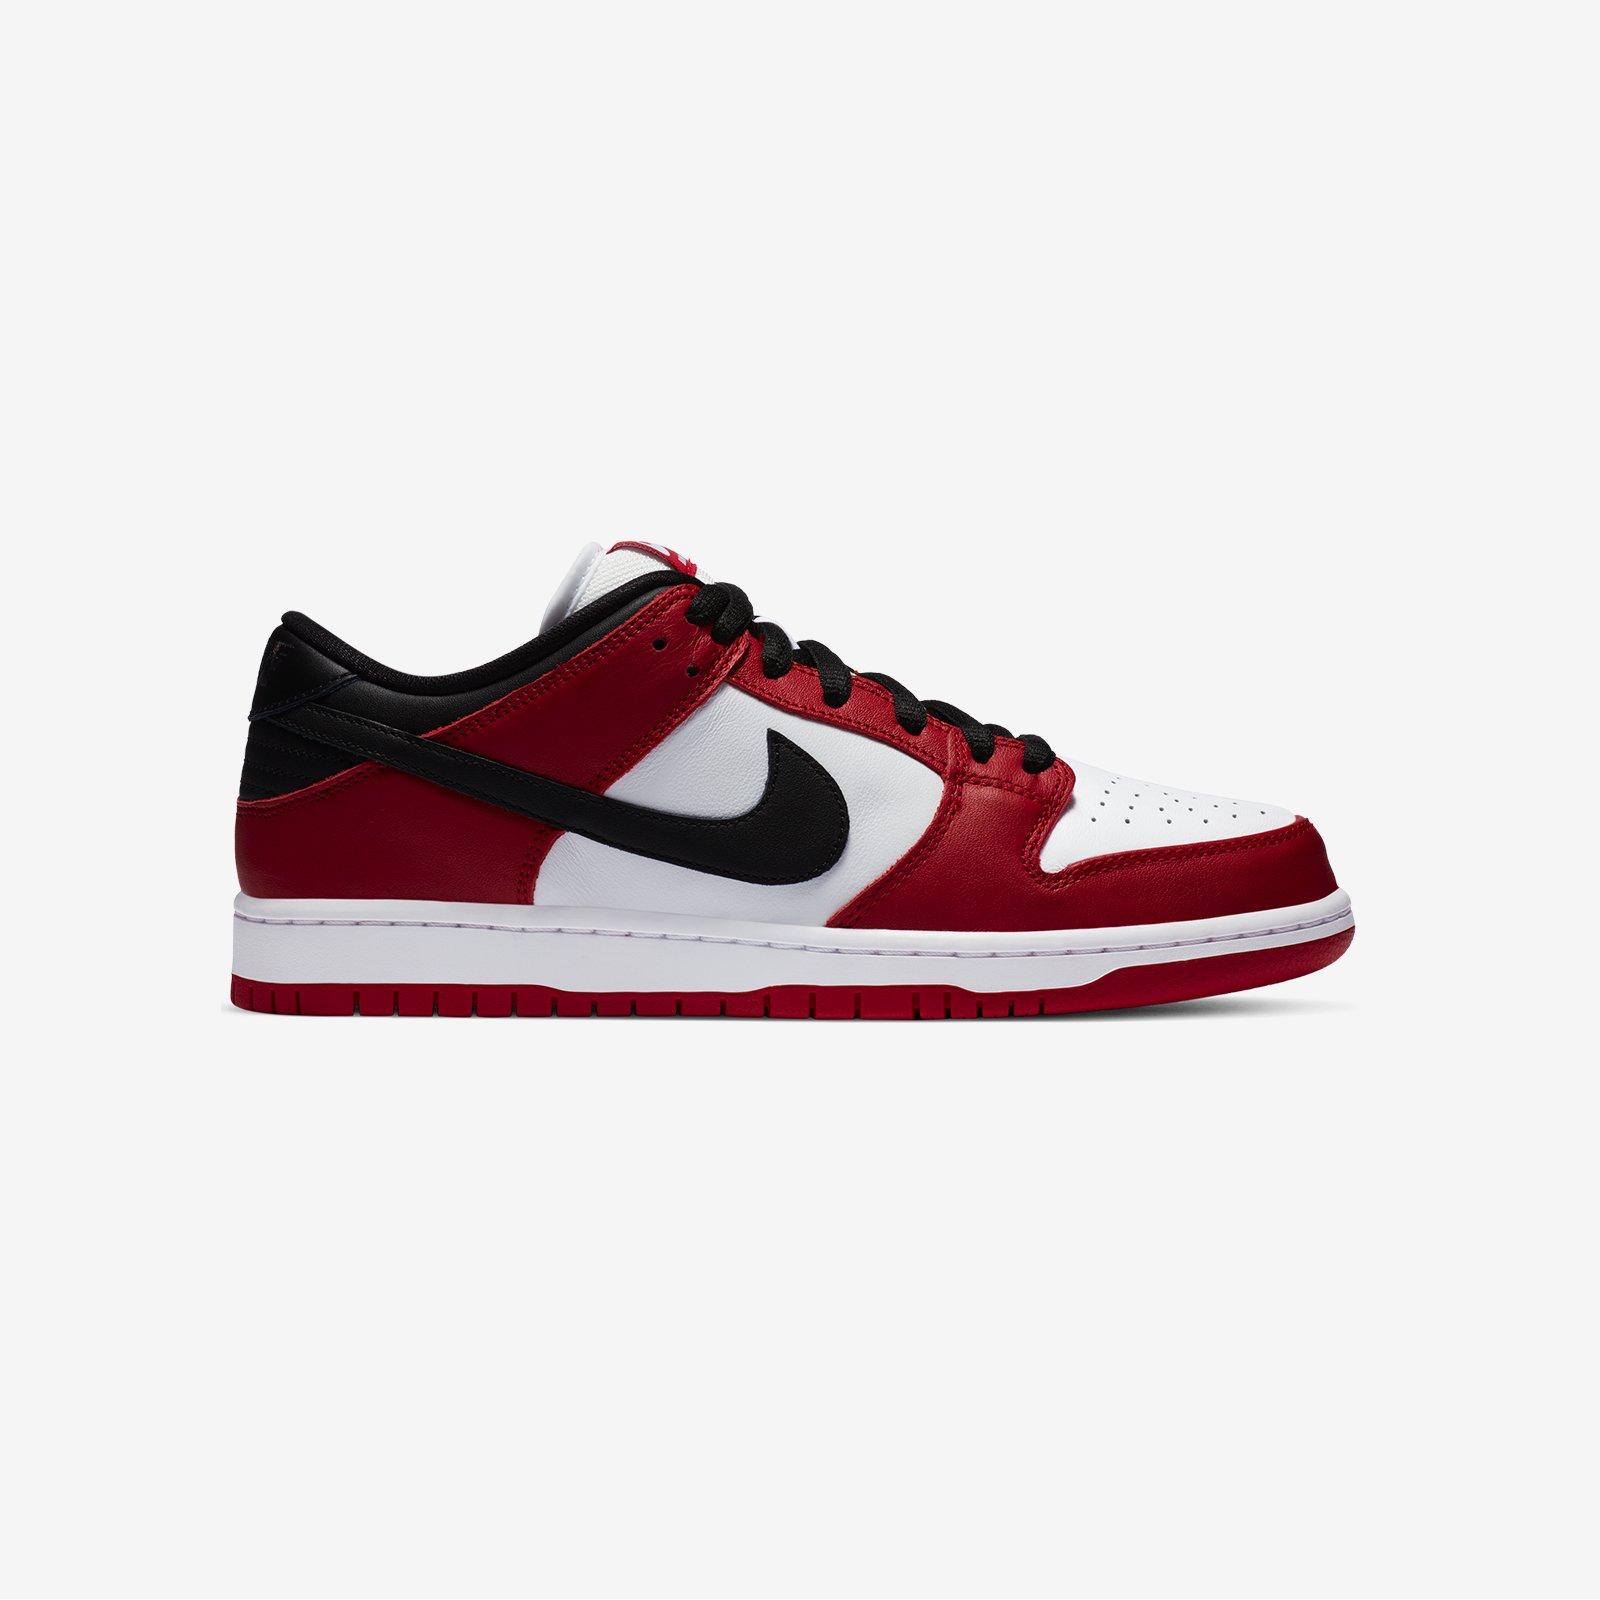 Nike SB Dunk Low Pro - Bq6817-600 - SNS | sneakers & streetwear ...